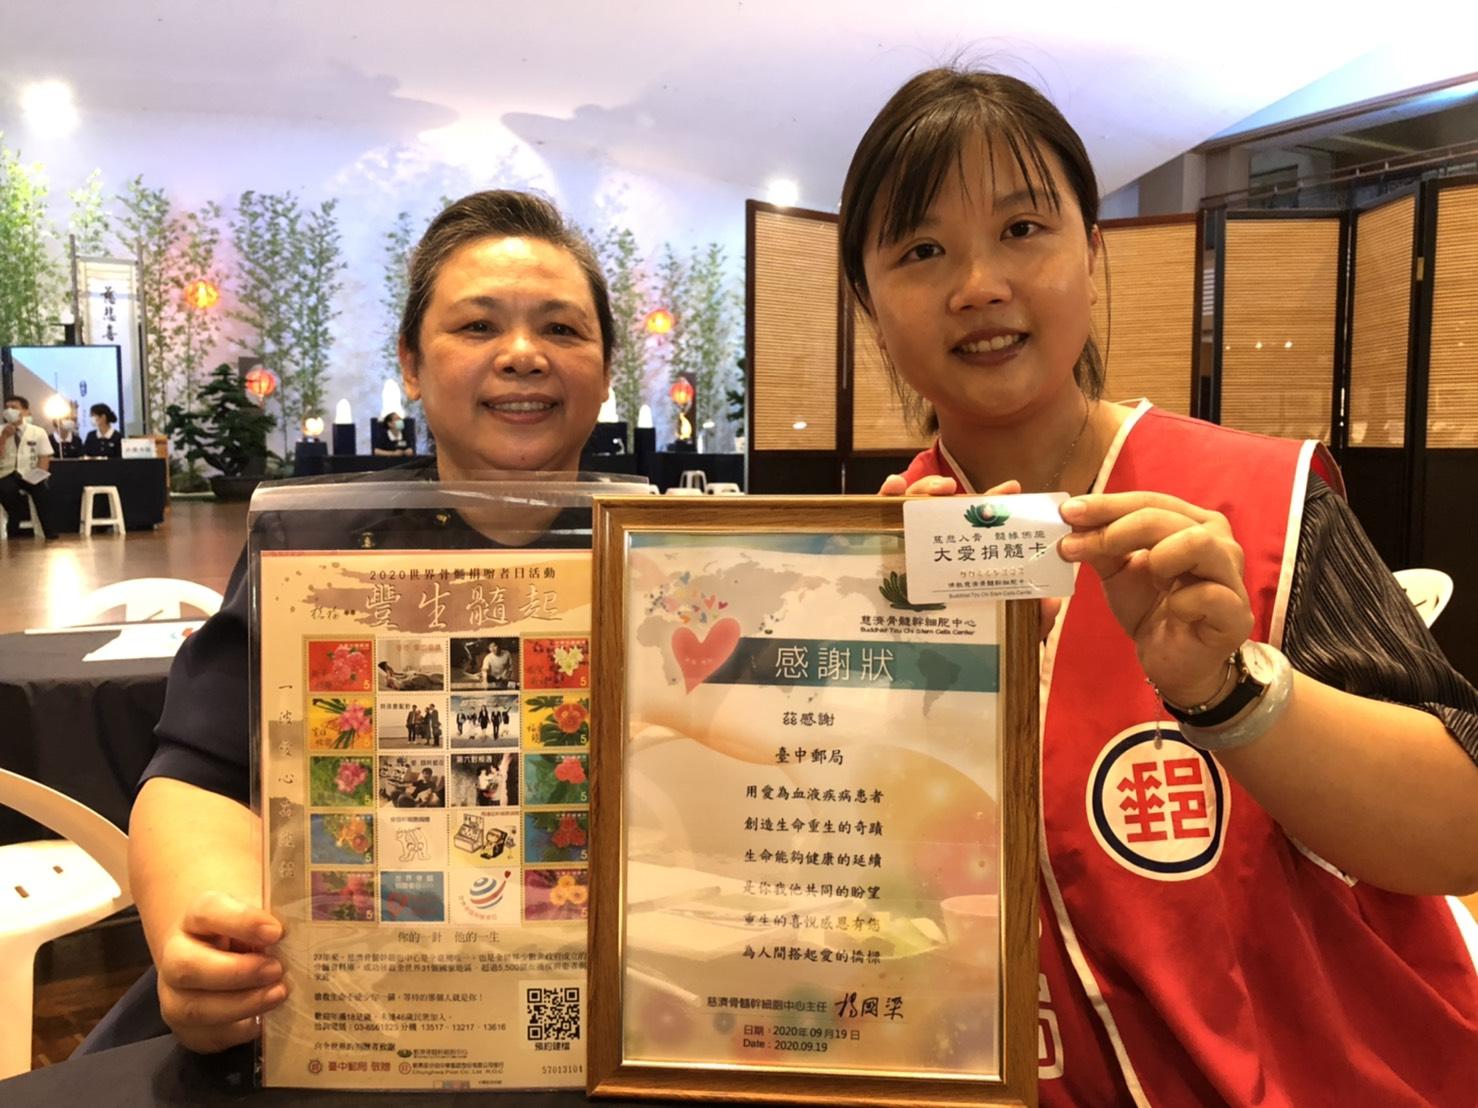 服務於臺中郵局的林子婷(右),於19日特別專送350份客製化紀念郵票,感恩骨髓幹細胞捐贈驗血大眾的愛心。